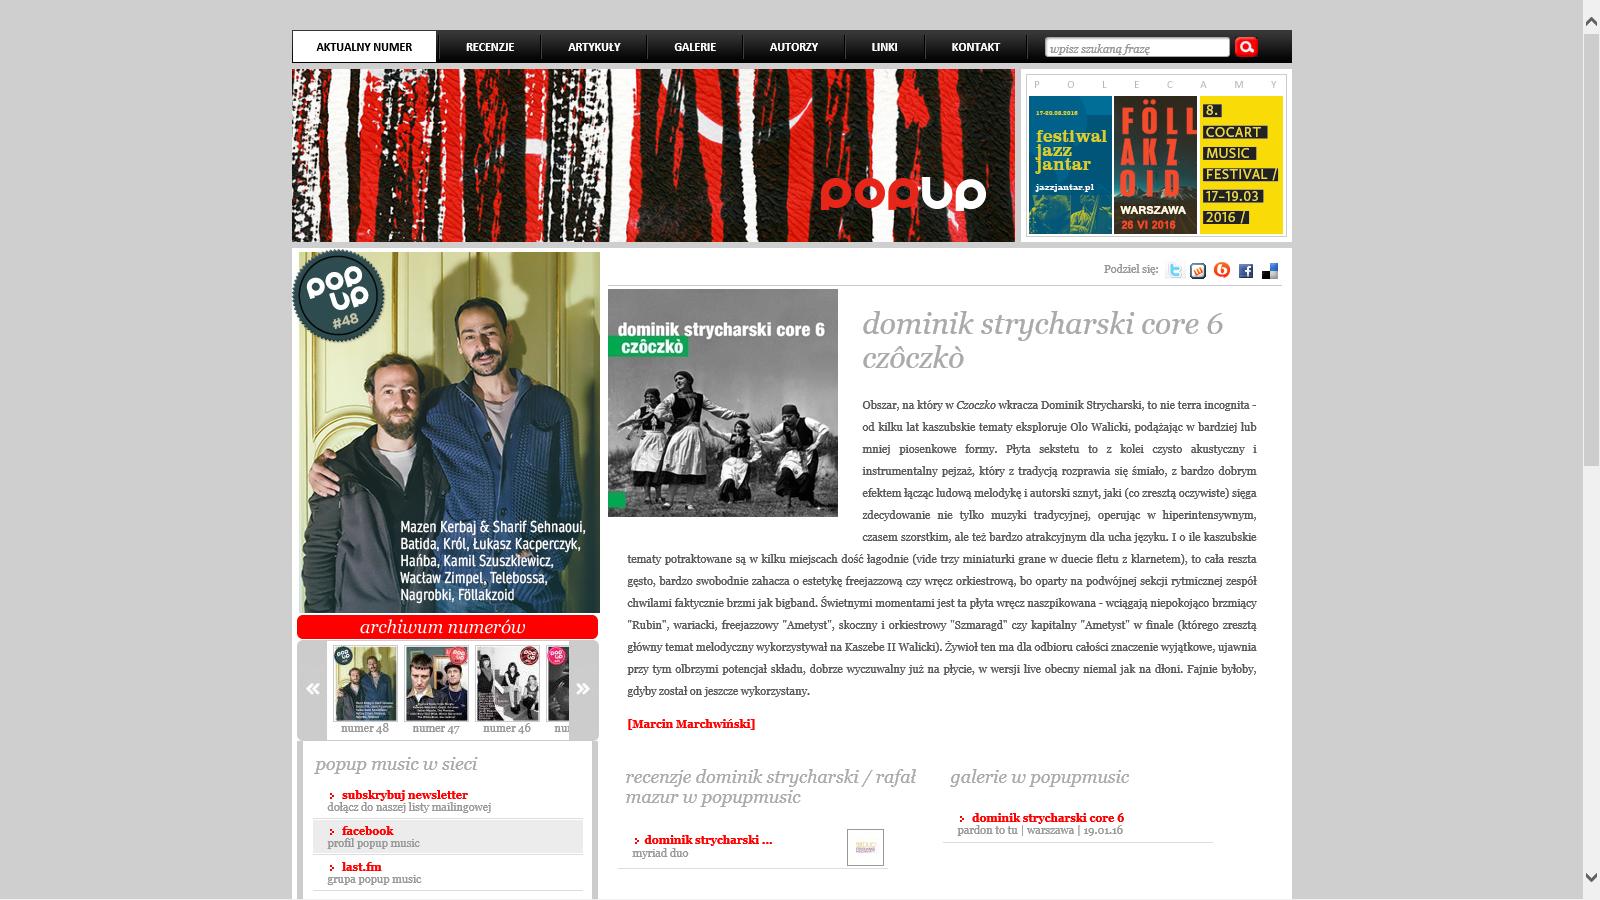 Dominik Strycharski - Rafal Mazur - Myriad Duo